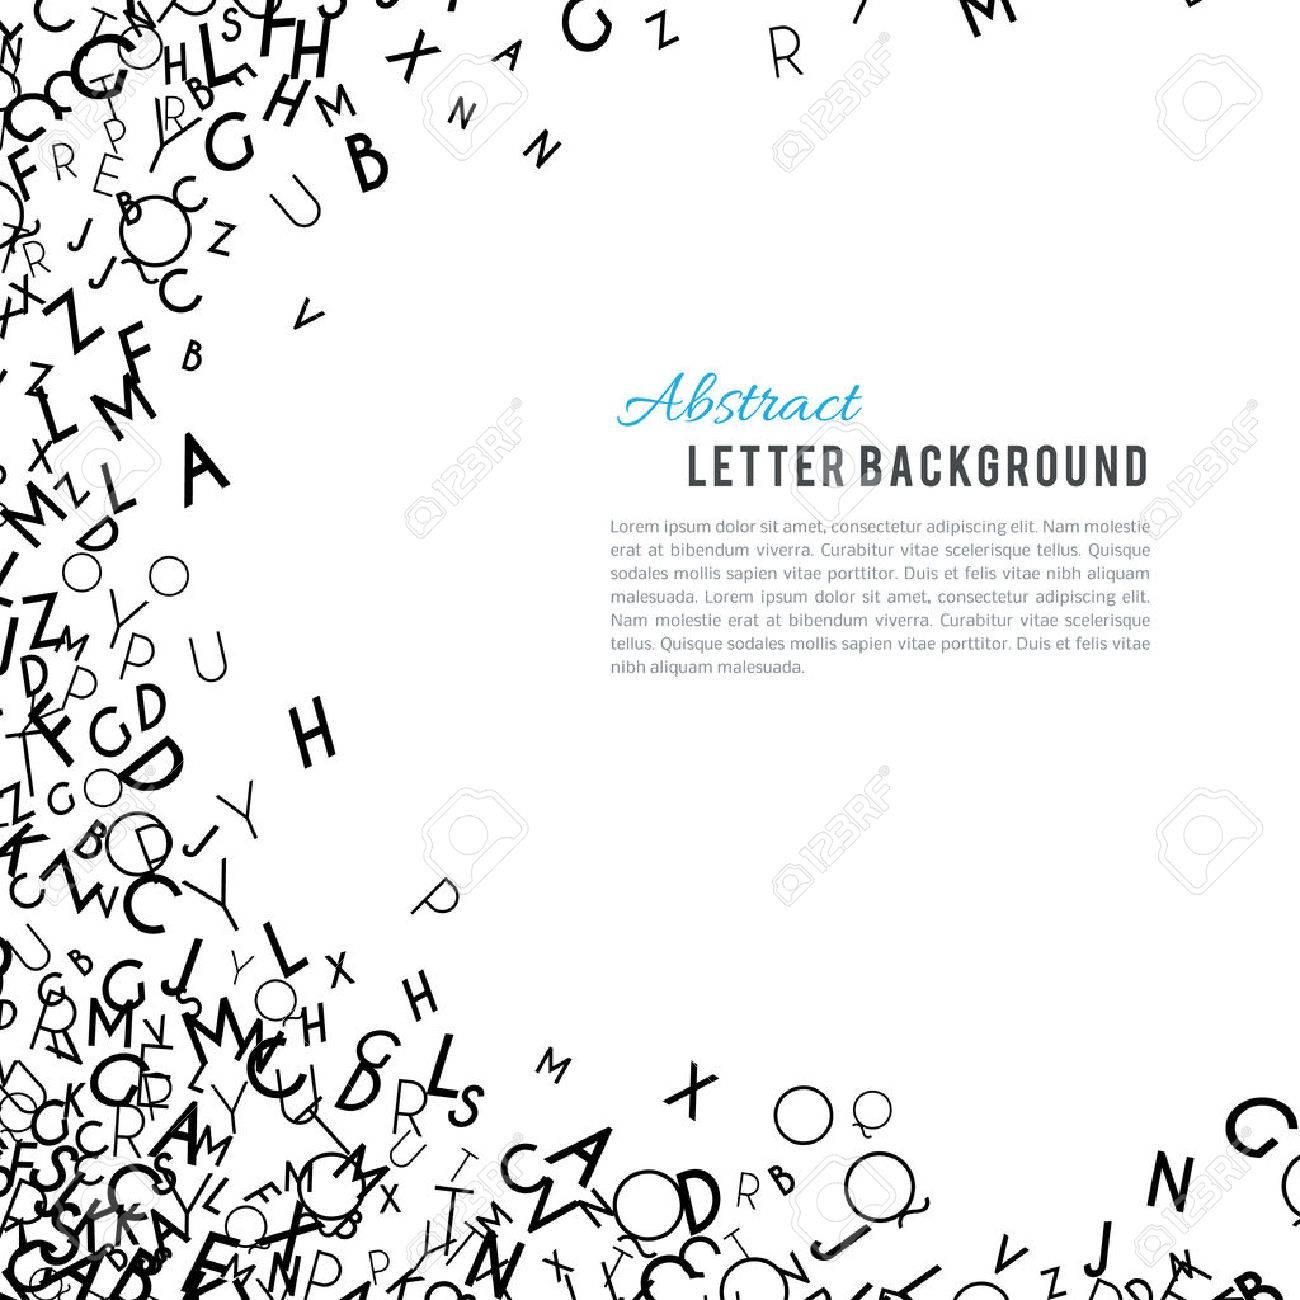 Schön Schreiben Rahmen Bilder - Benutzerdefinierte Bilderrahmen ...